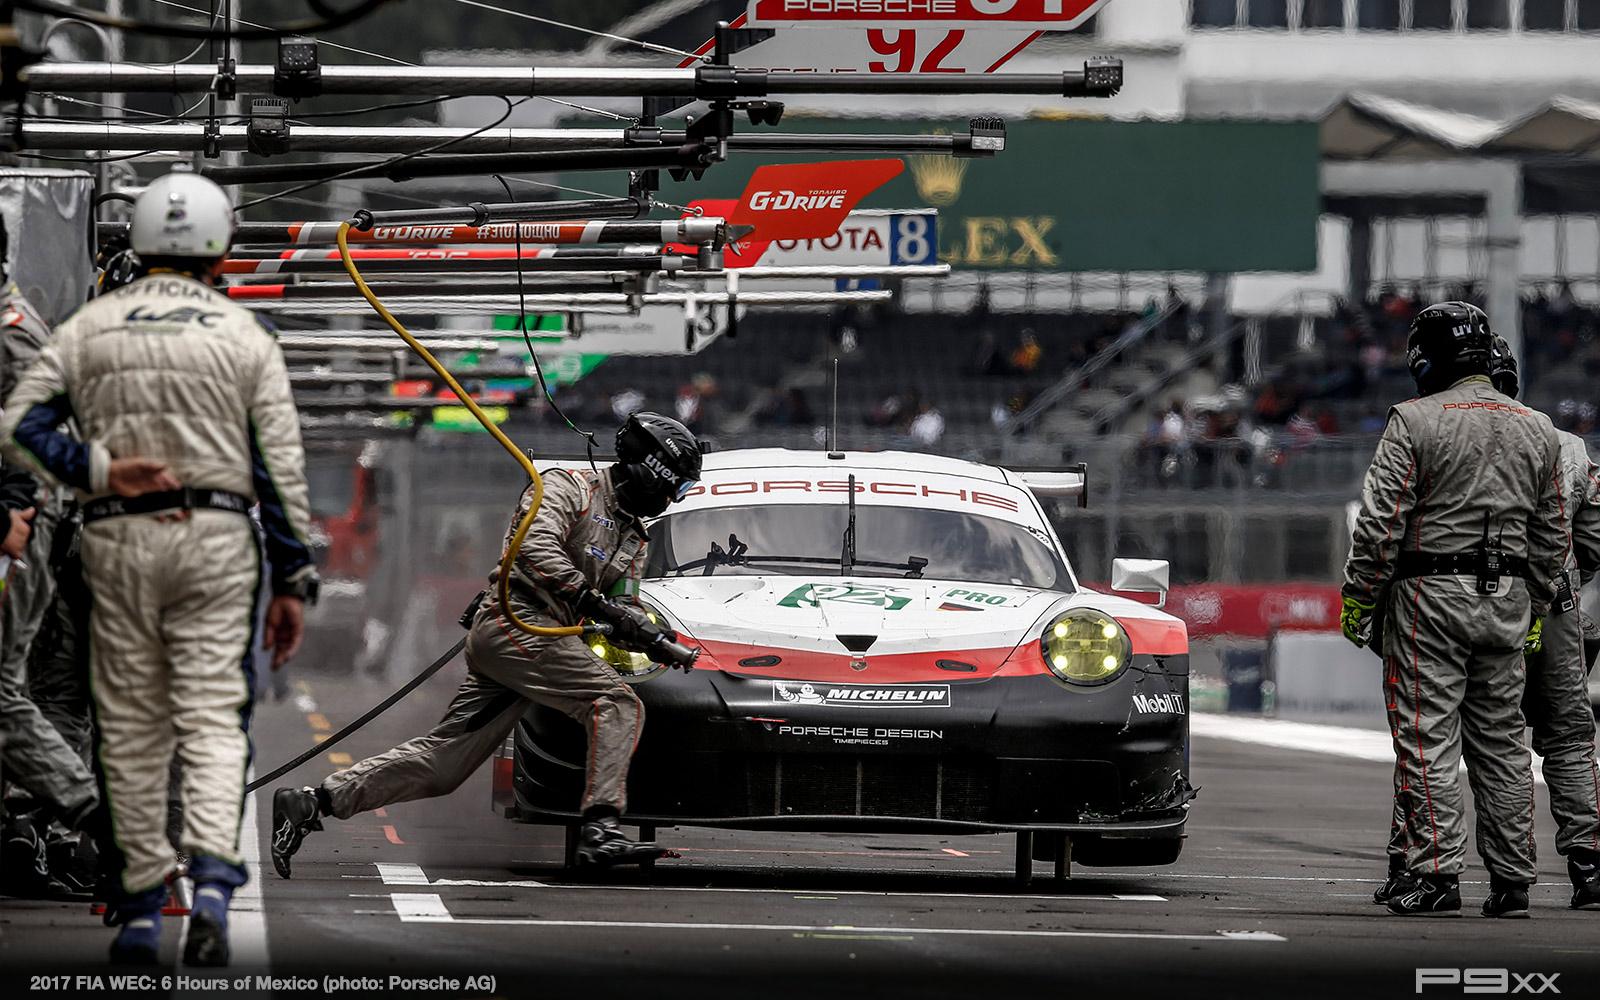 2017-FIA-WEC-6-HOURS-MEXICO-PORSCHE-1365